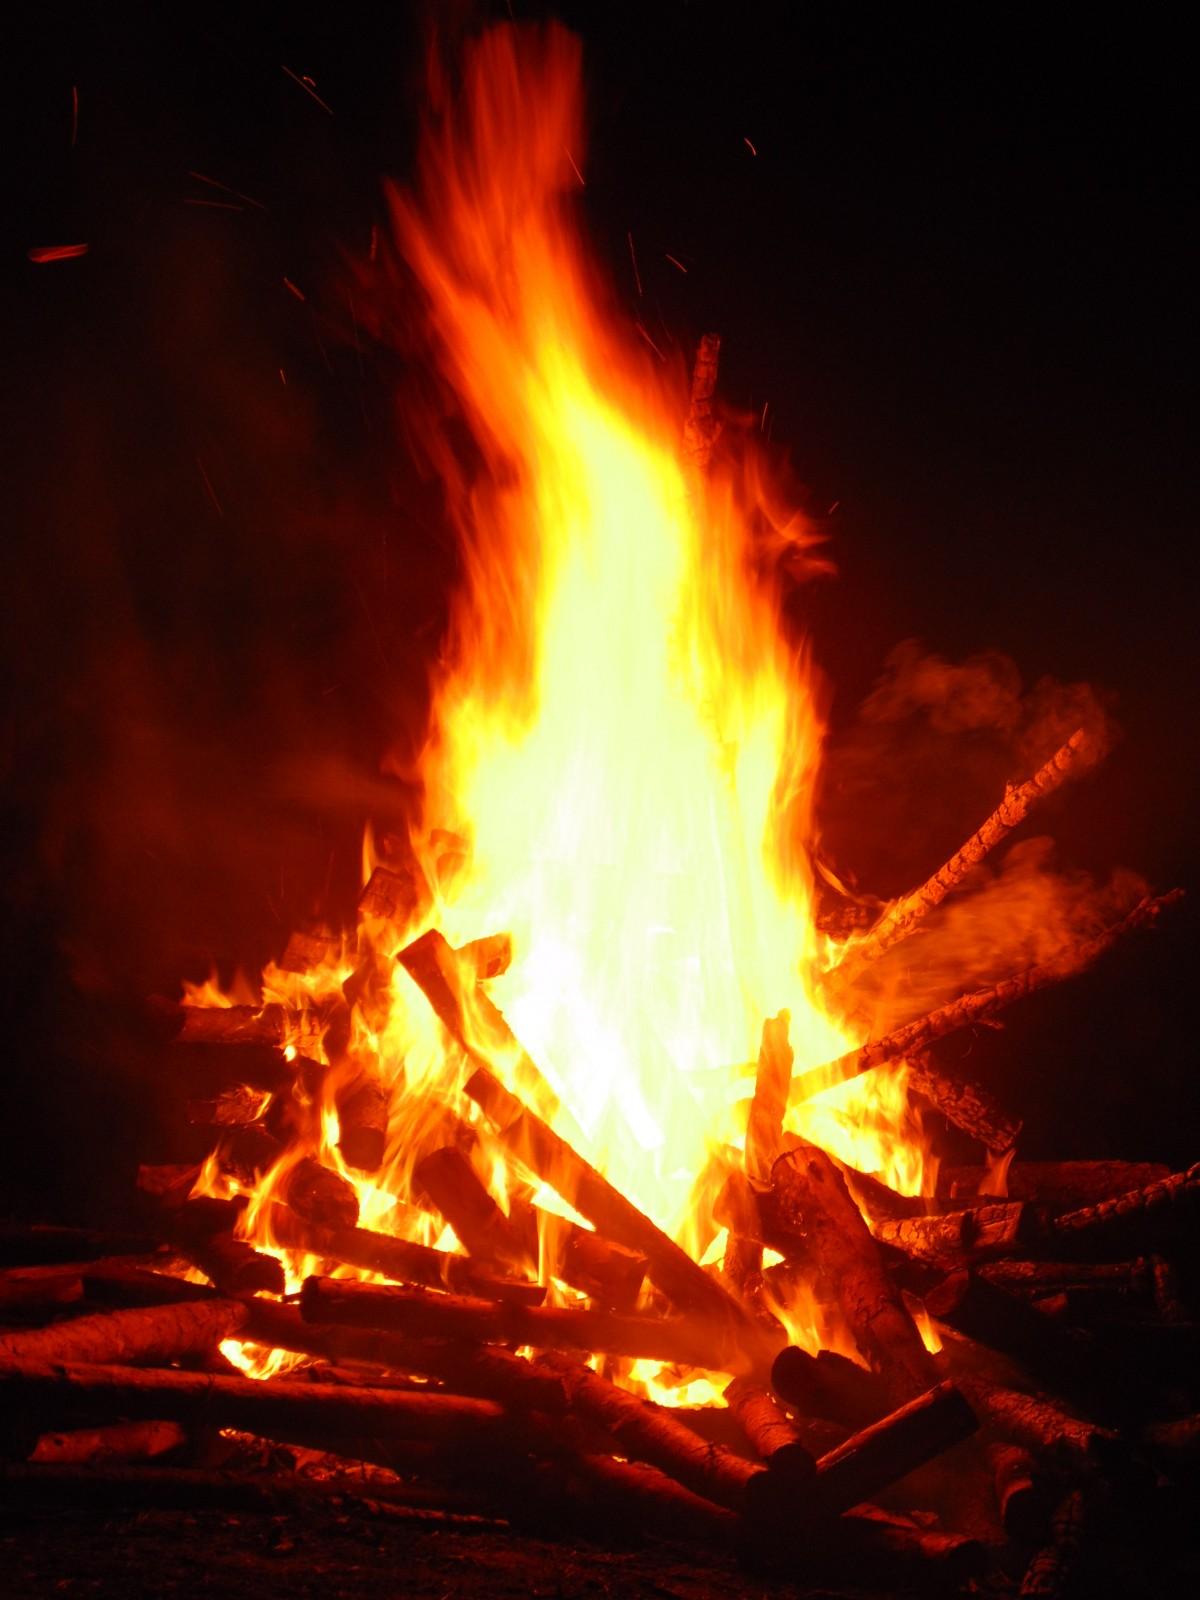 무료 이미지 : 불꽃, 캠프 불, 모닥불, 열, 생명, 세례반, 지구 ...